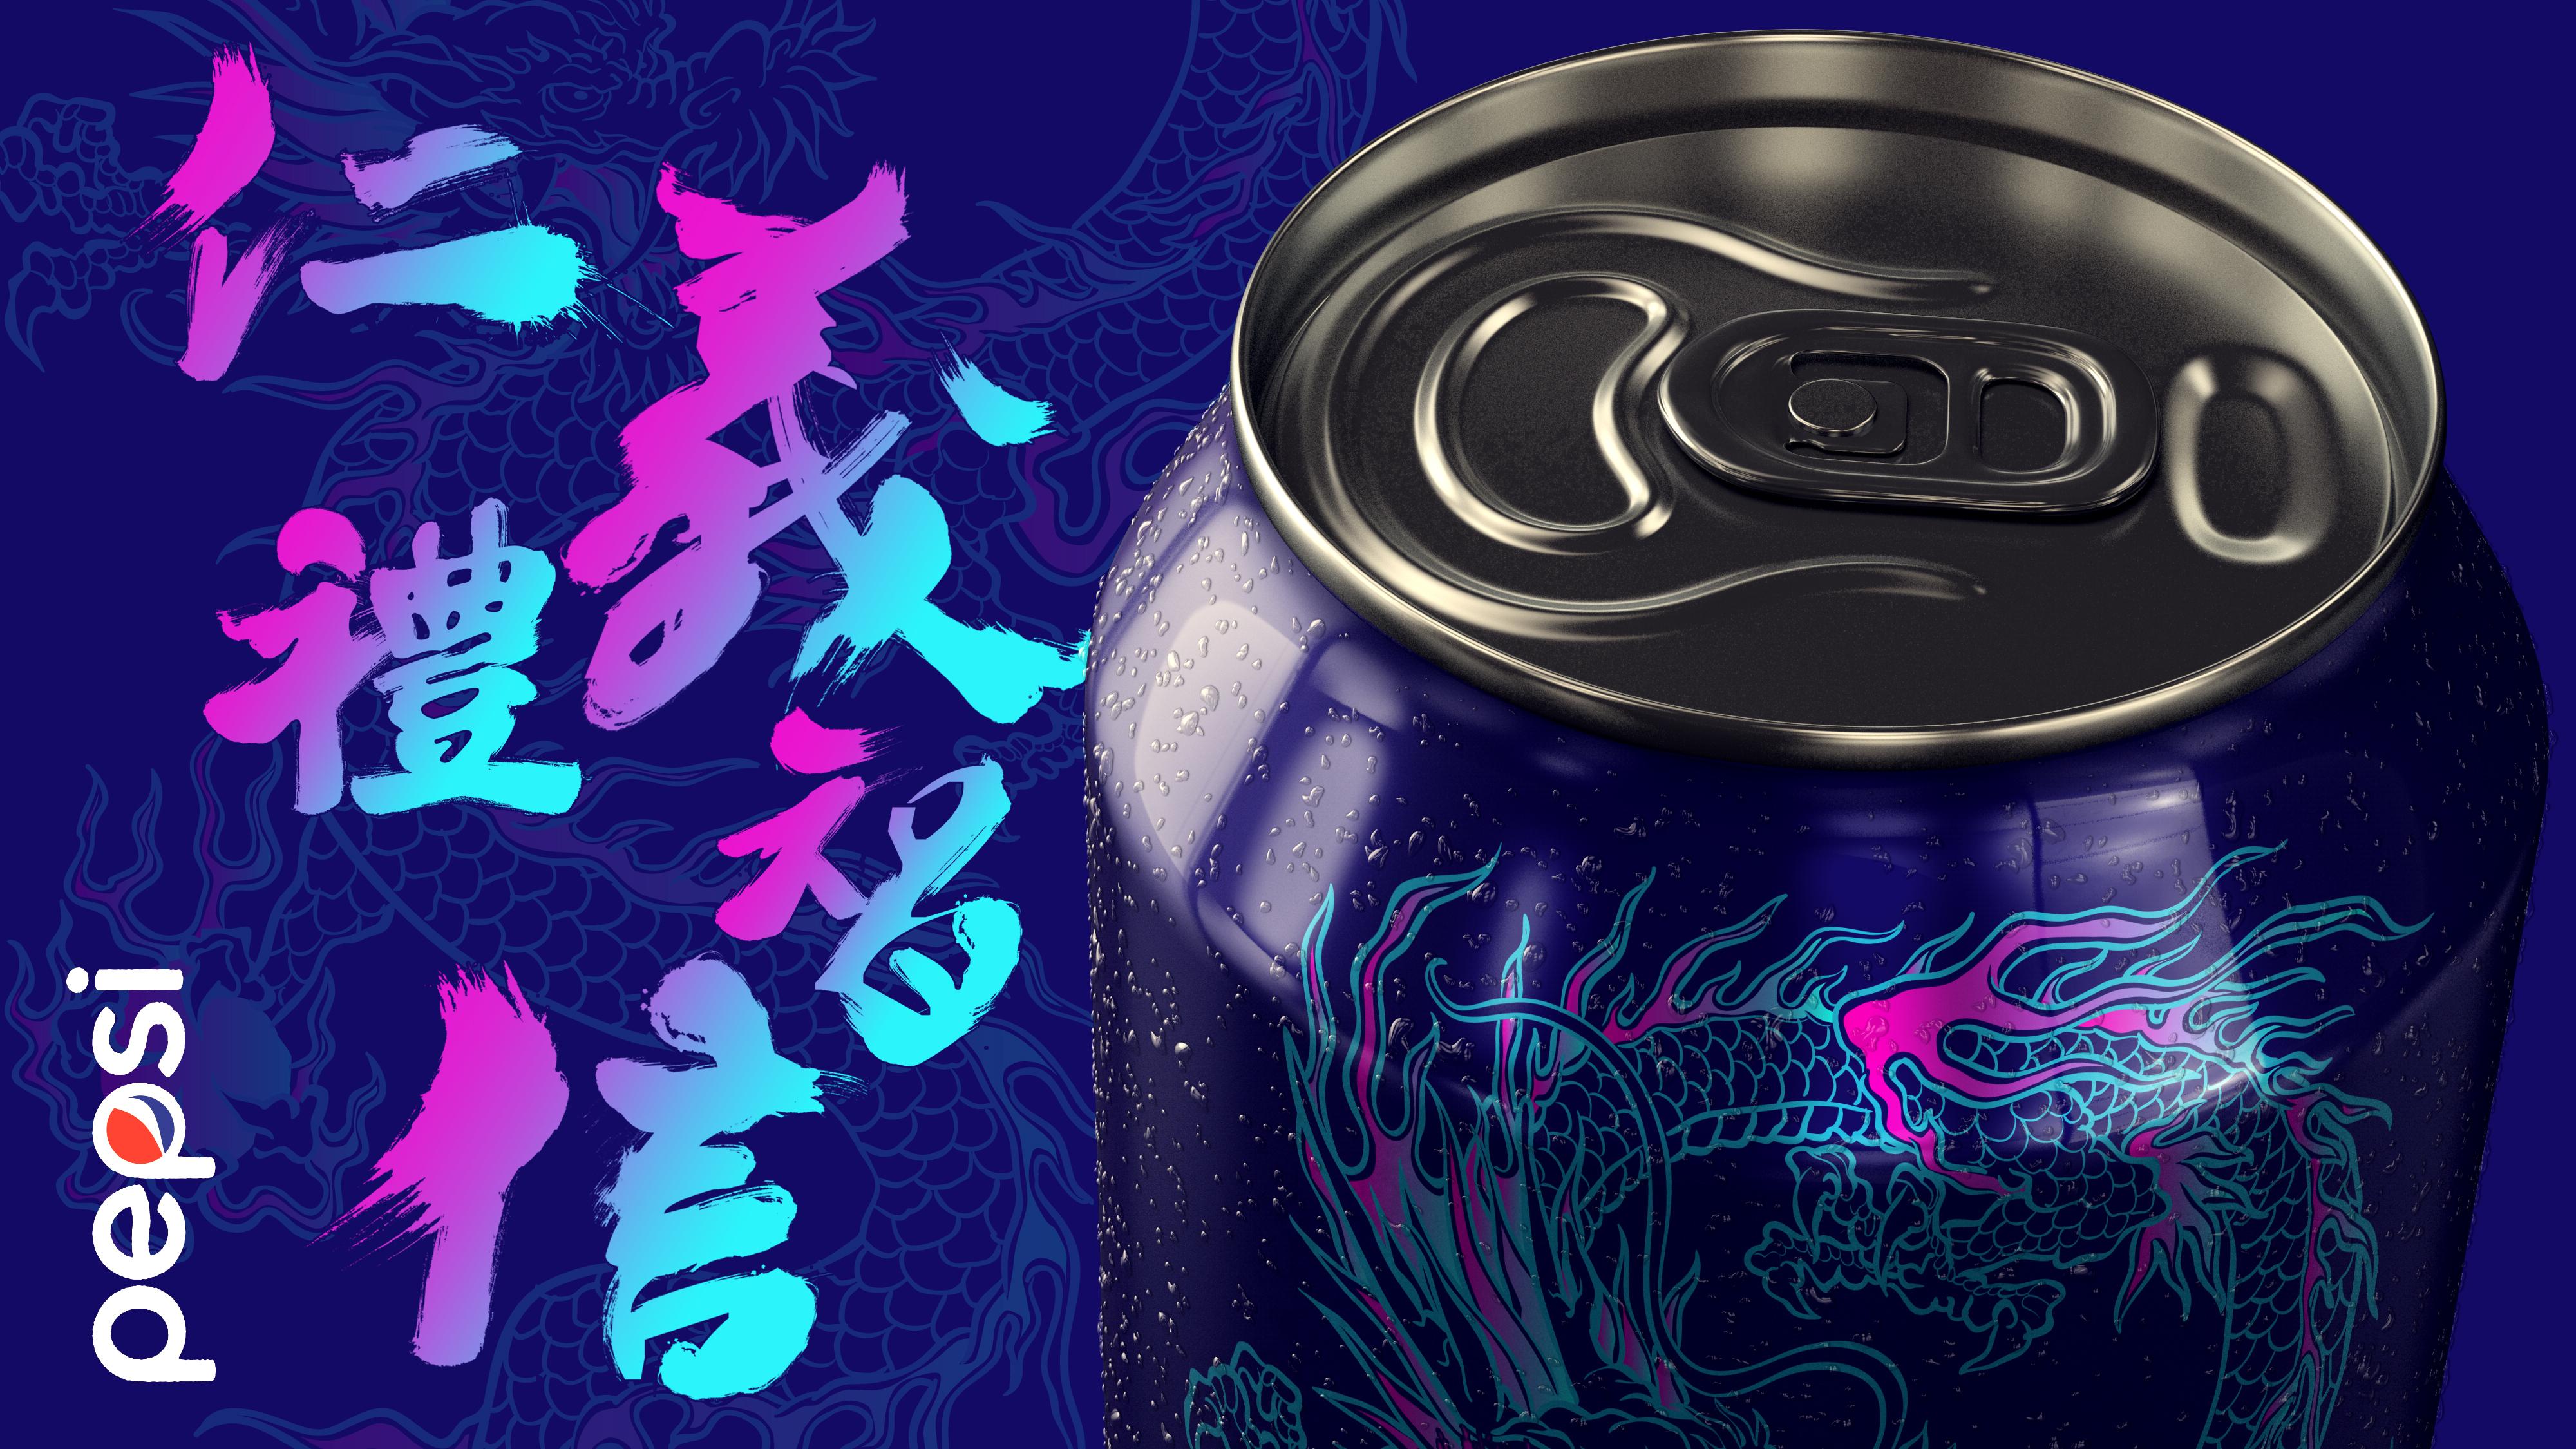 百事可乐概念包装设计图片